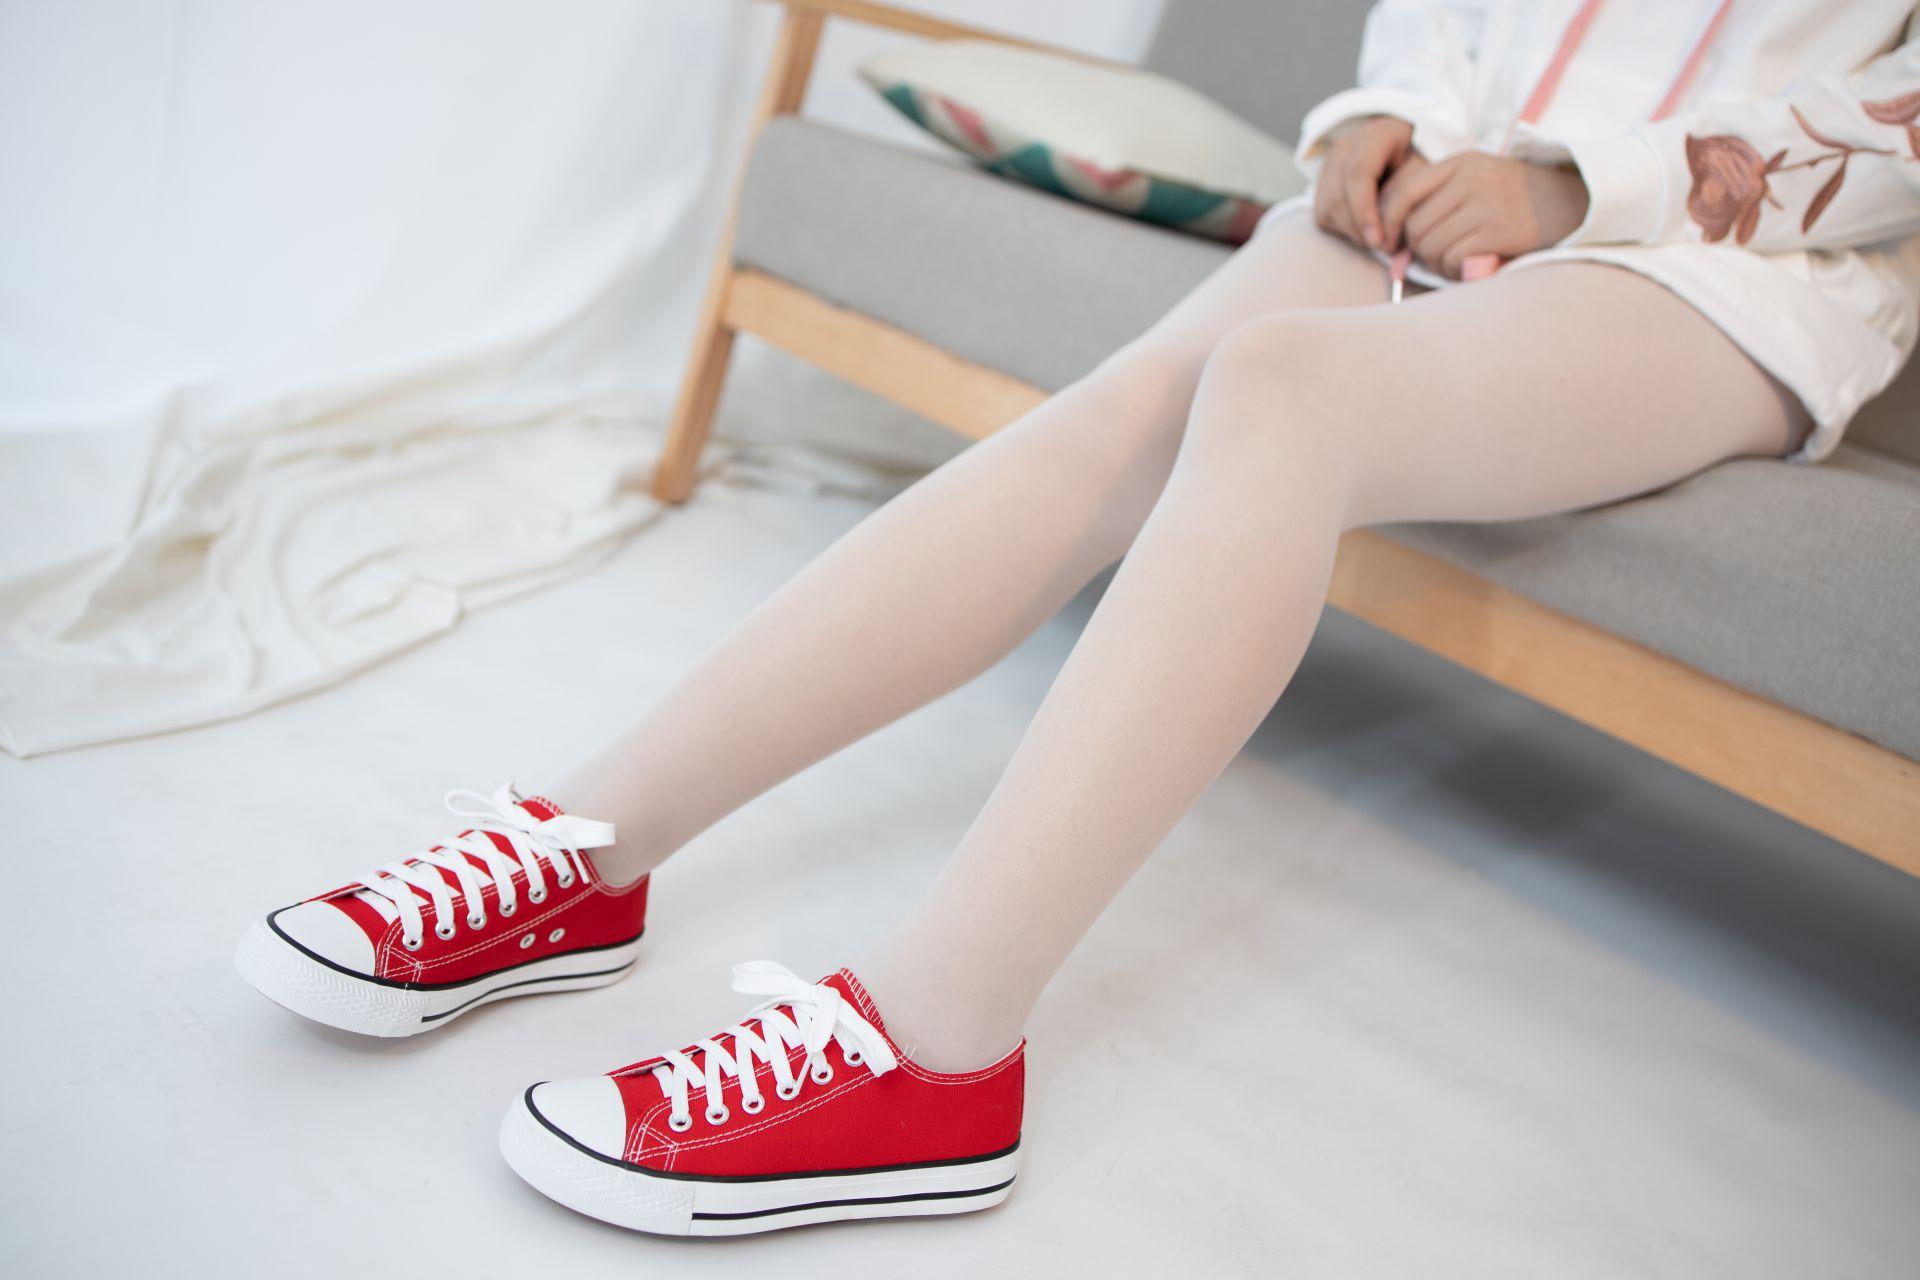 【森萝财团】 森萝财团写真 – JKFUN-054 红布鞋白丝 13D白丝 小夜 [50P-1V-1.75GB] JKFUN 第2张